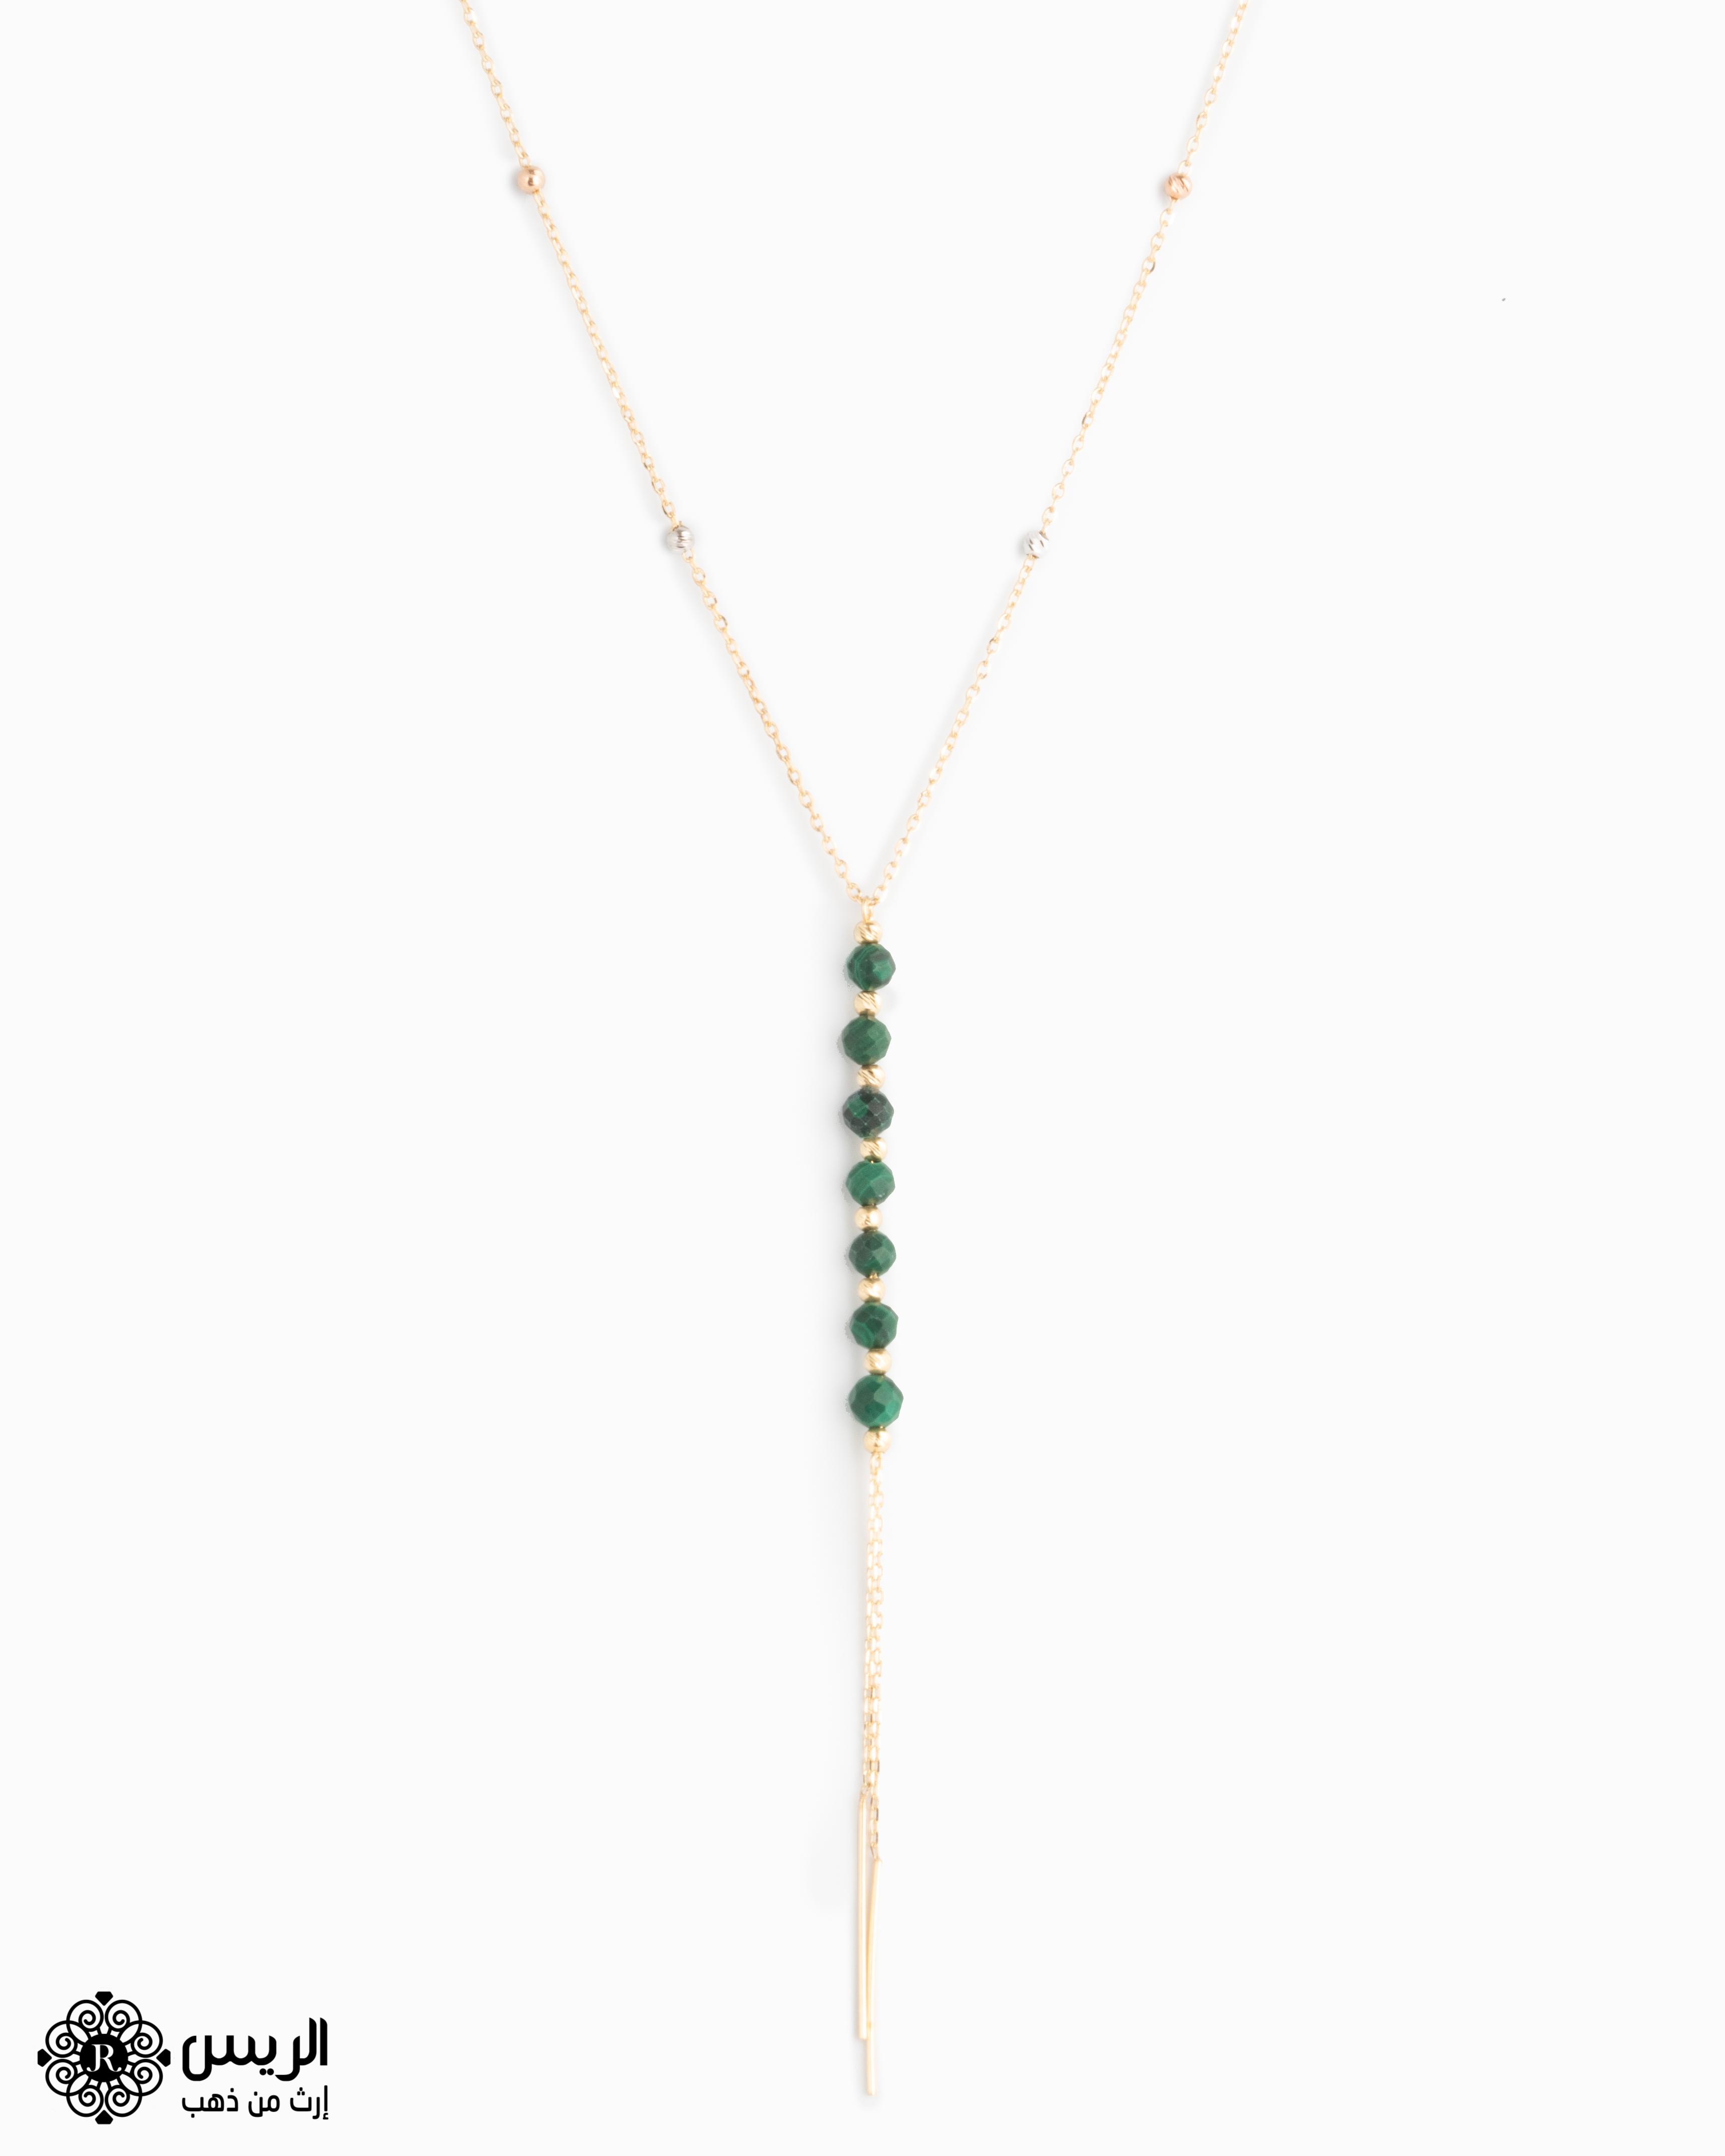 Al-Raies jewellery